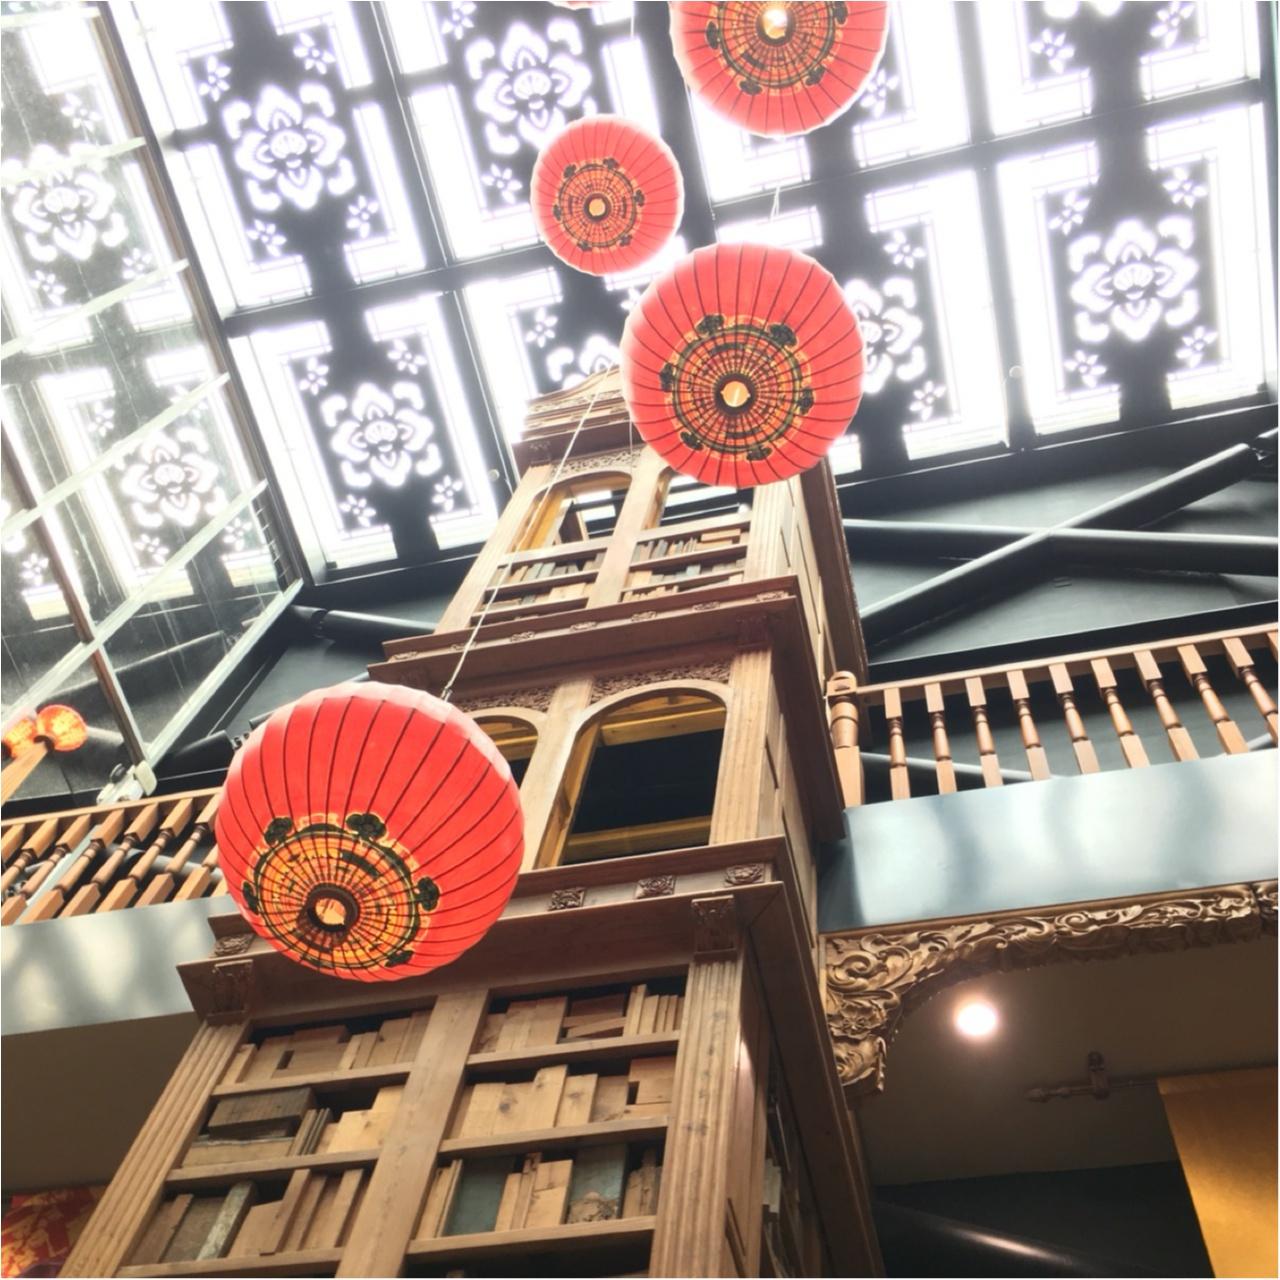 """≪台湾旅行≫台北に来たら少し足を伸ばして行って欲しい!台中のフォトジェニックスポット""""宮原眼科""""♡_6"""